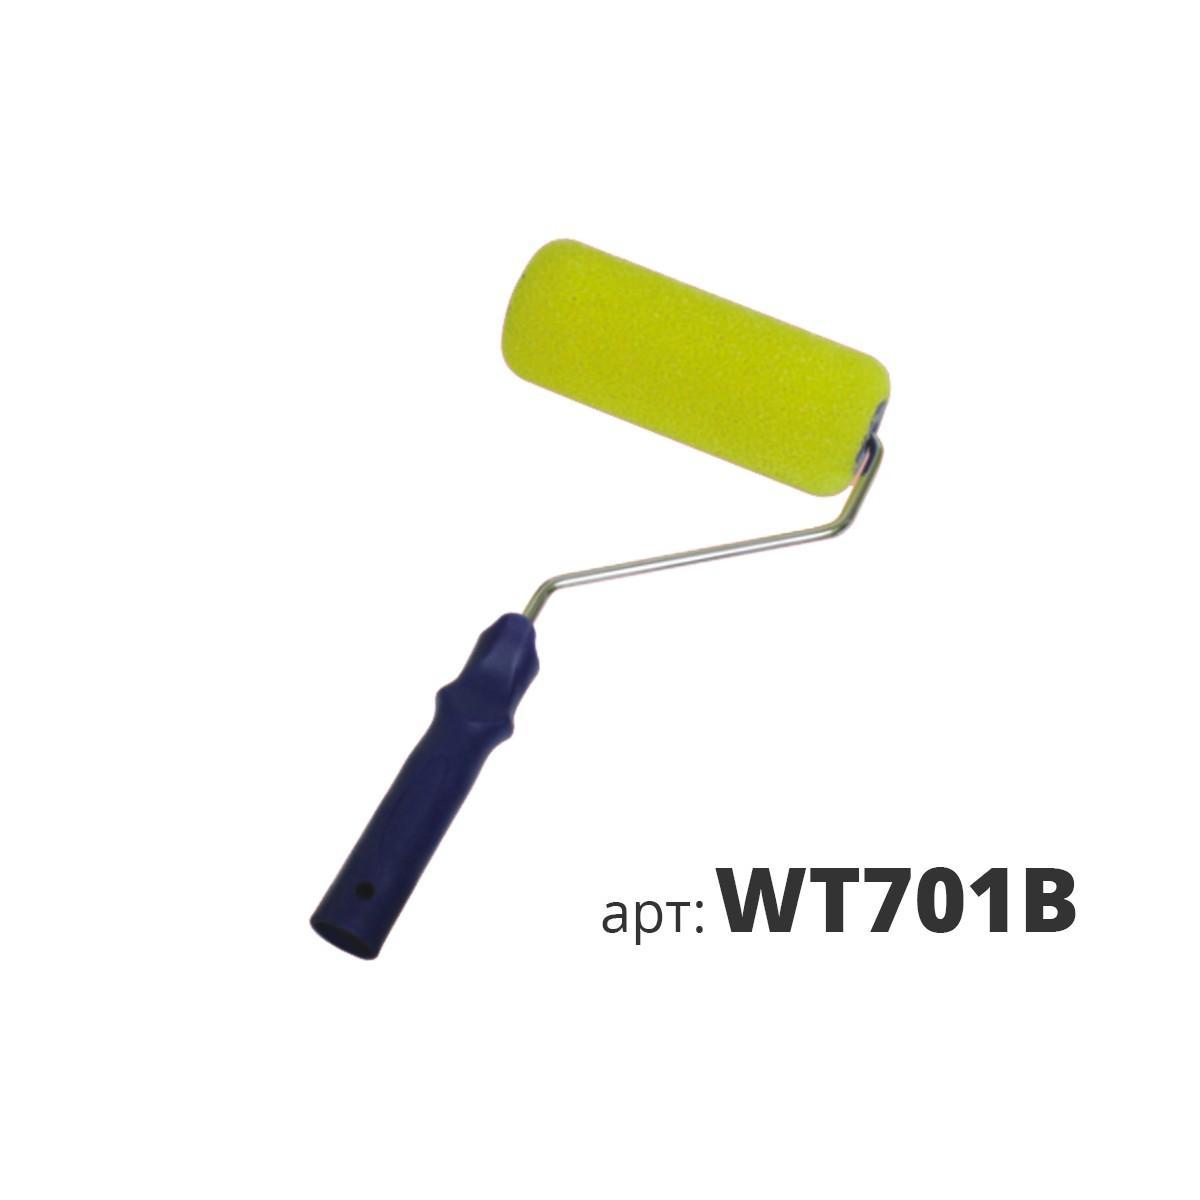 Декоративный валик с жесткой пористой текстурой WT701B